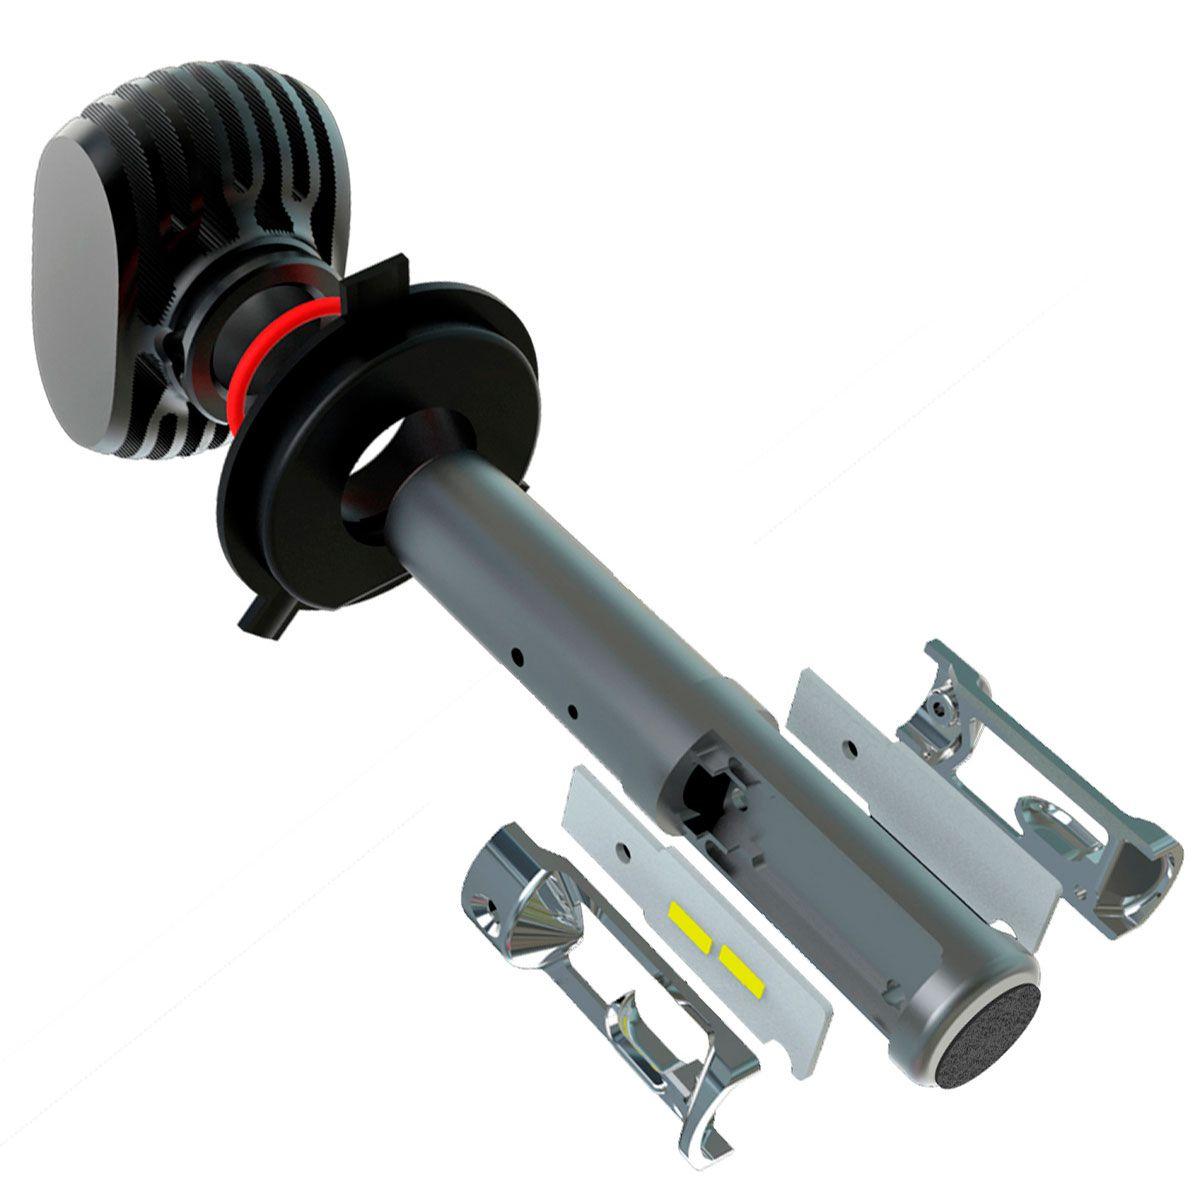 Kit Ultra LED SpaceFox 2010 até 2018 tipo xenon farol baixo H7 50W